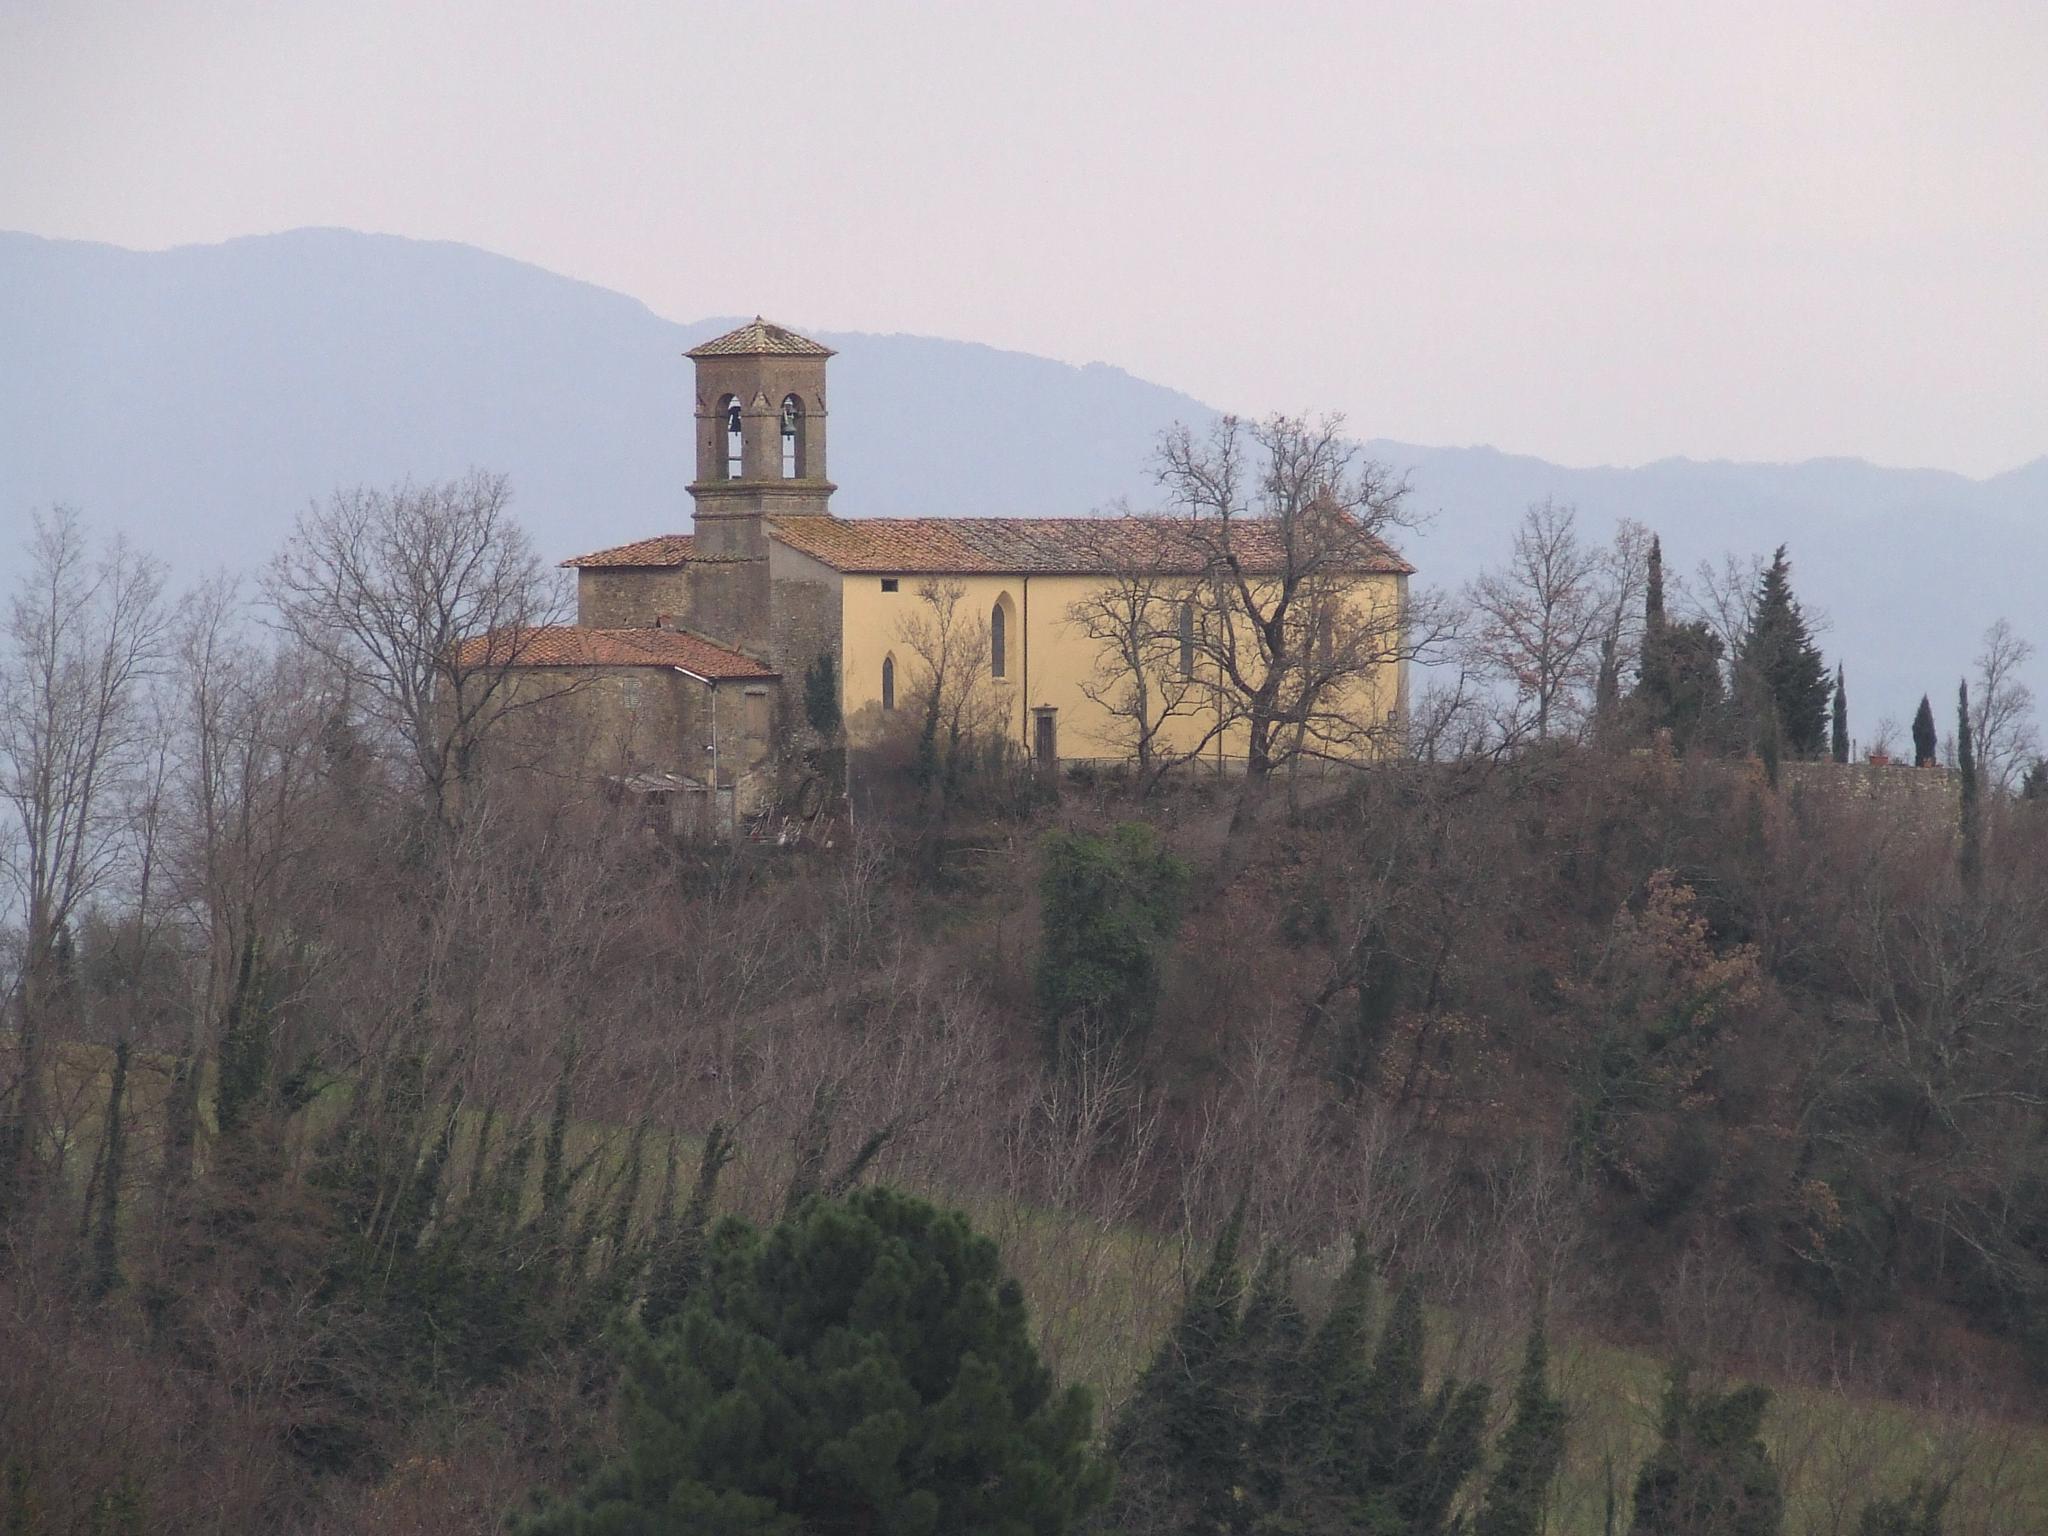 la chiesa di S. Maria a Pulicciano by ro.landi